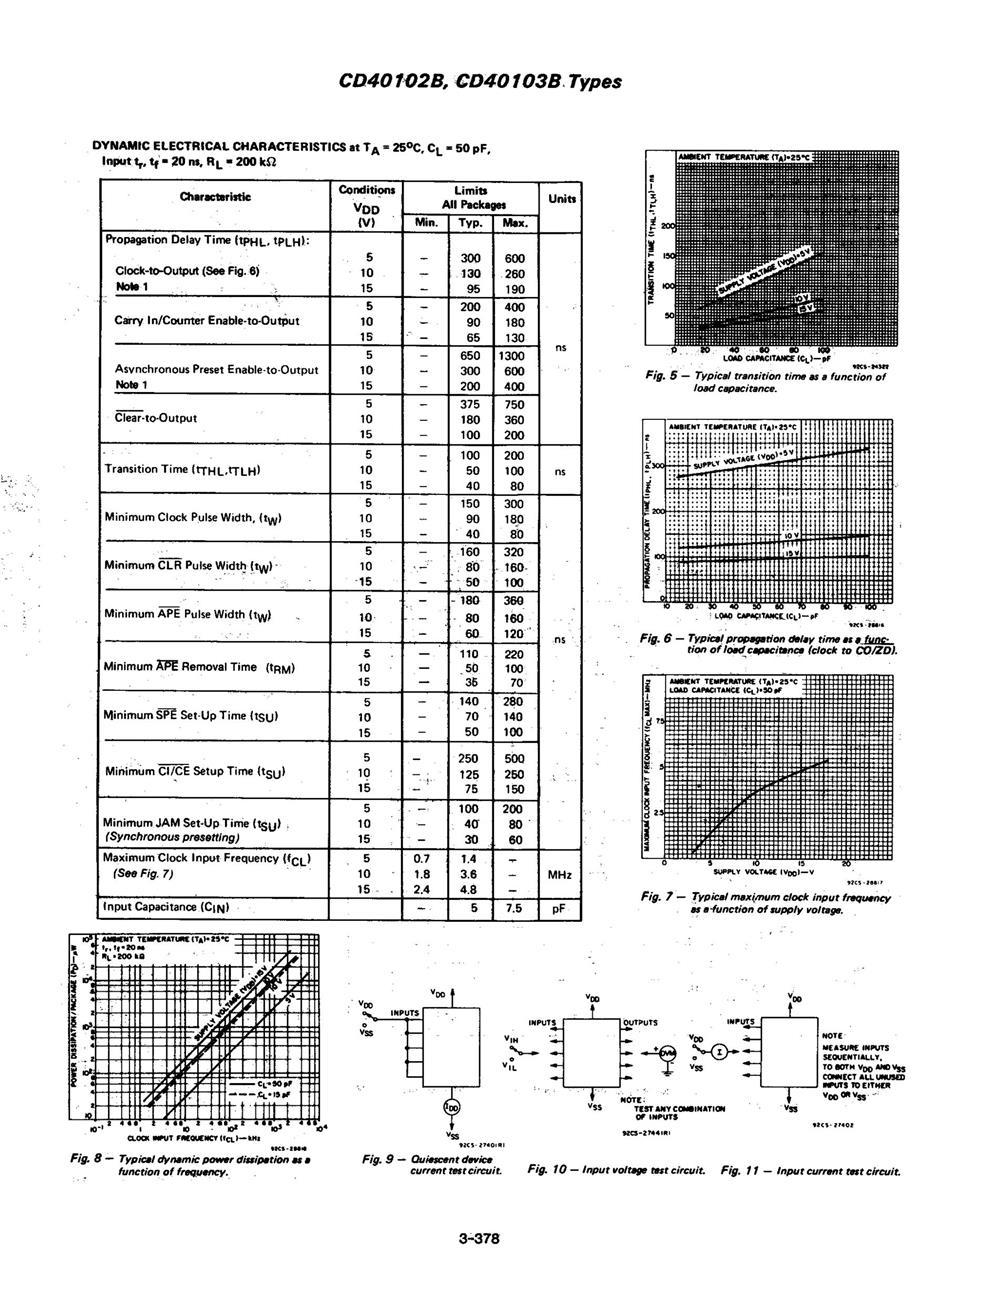 CD40103BPWR's pdf picture 3